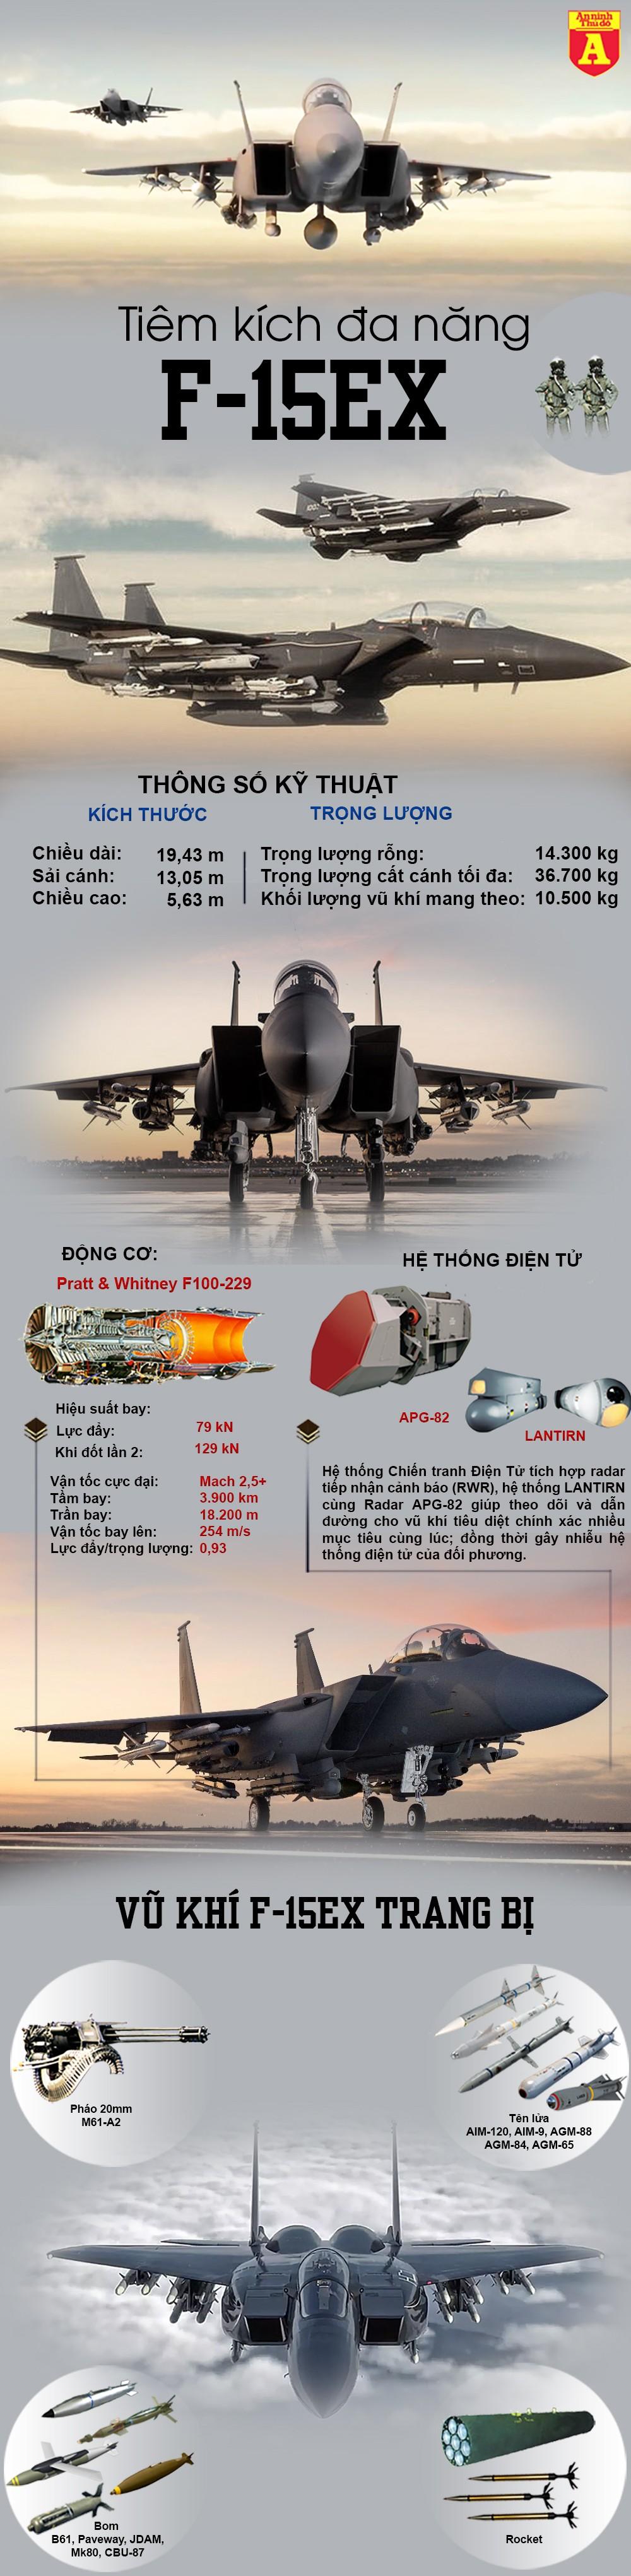 """[Info] Mỹ vừa dùng F-15EX vừa """"tung đòn"""" hạ bệ Su-35 và Su-57 Nga ảnh 2"""